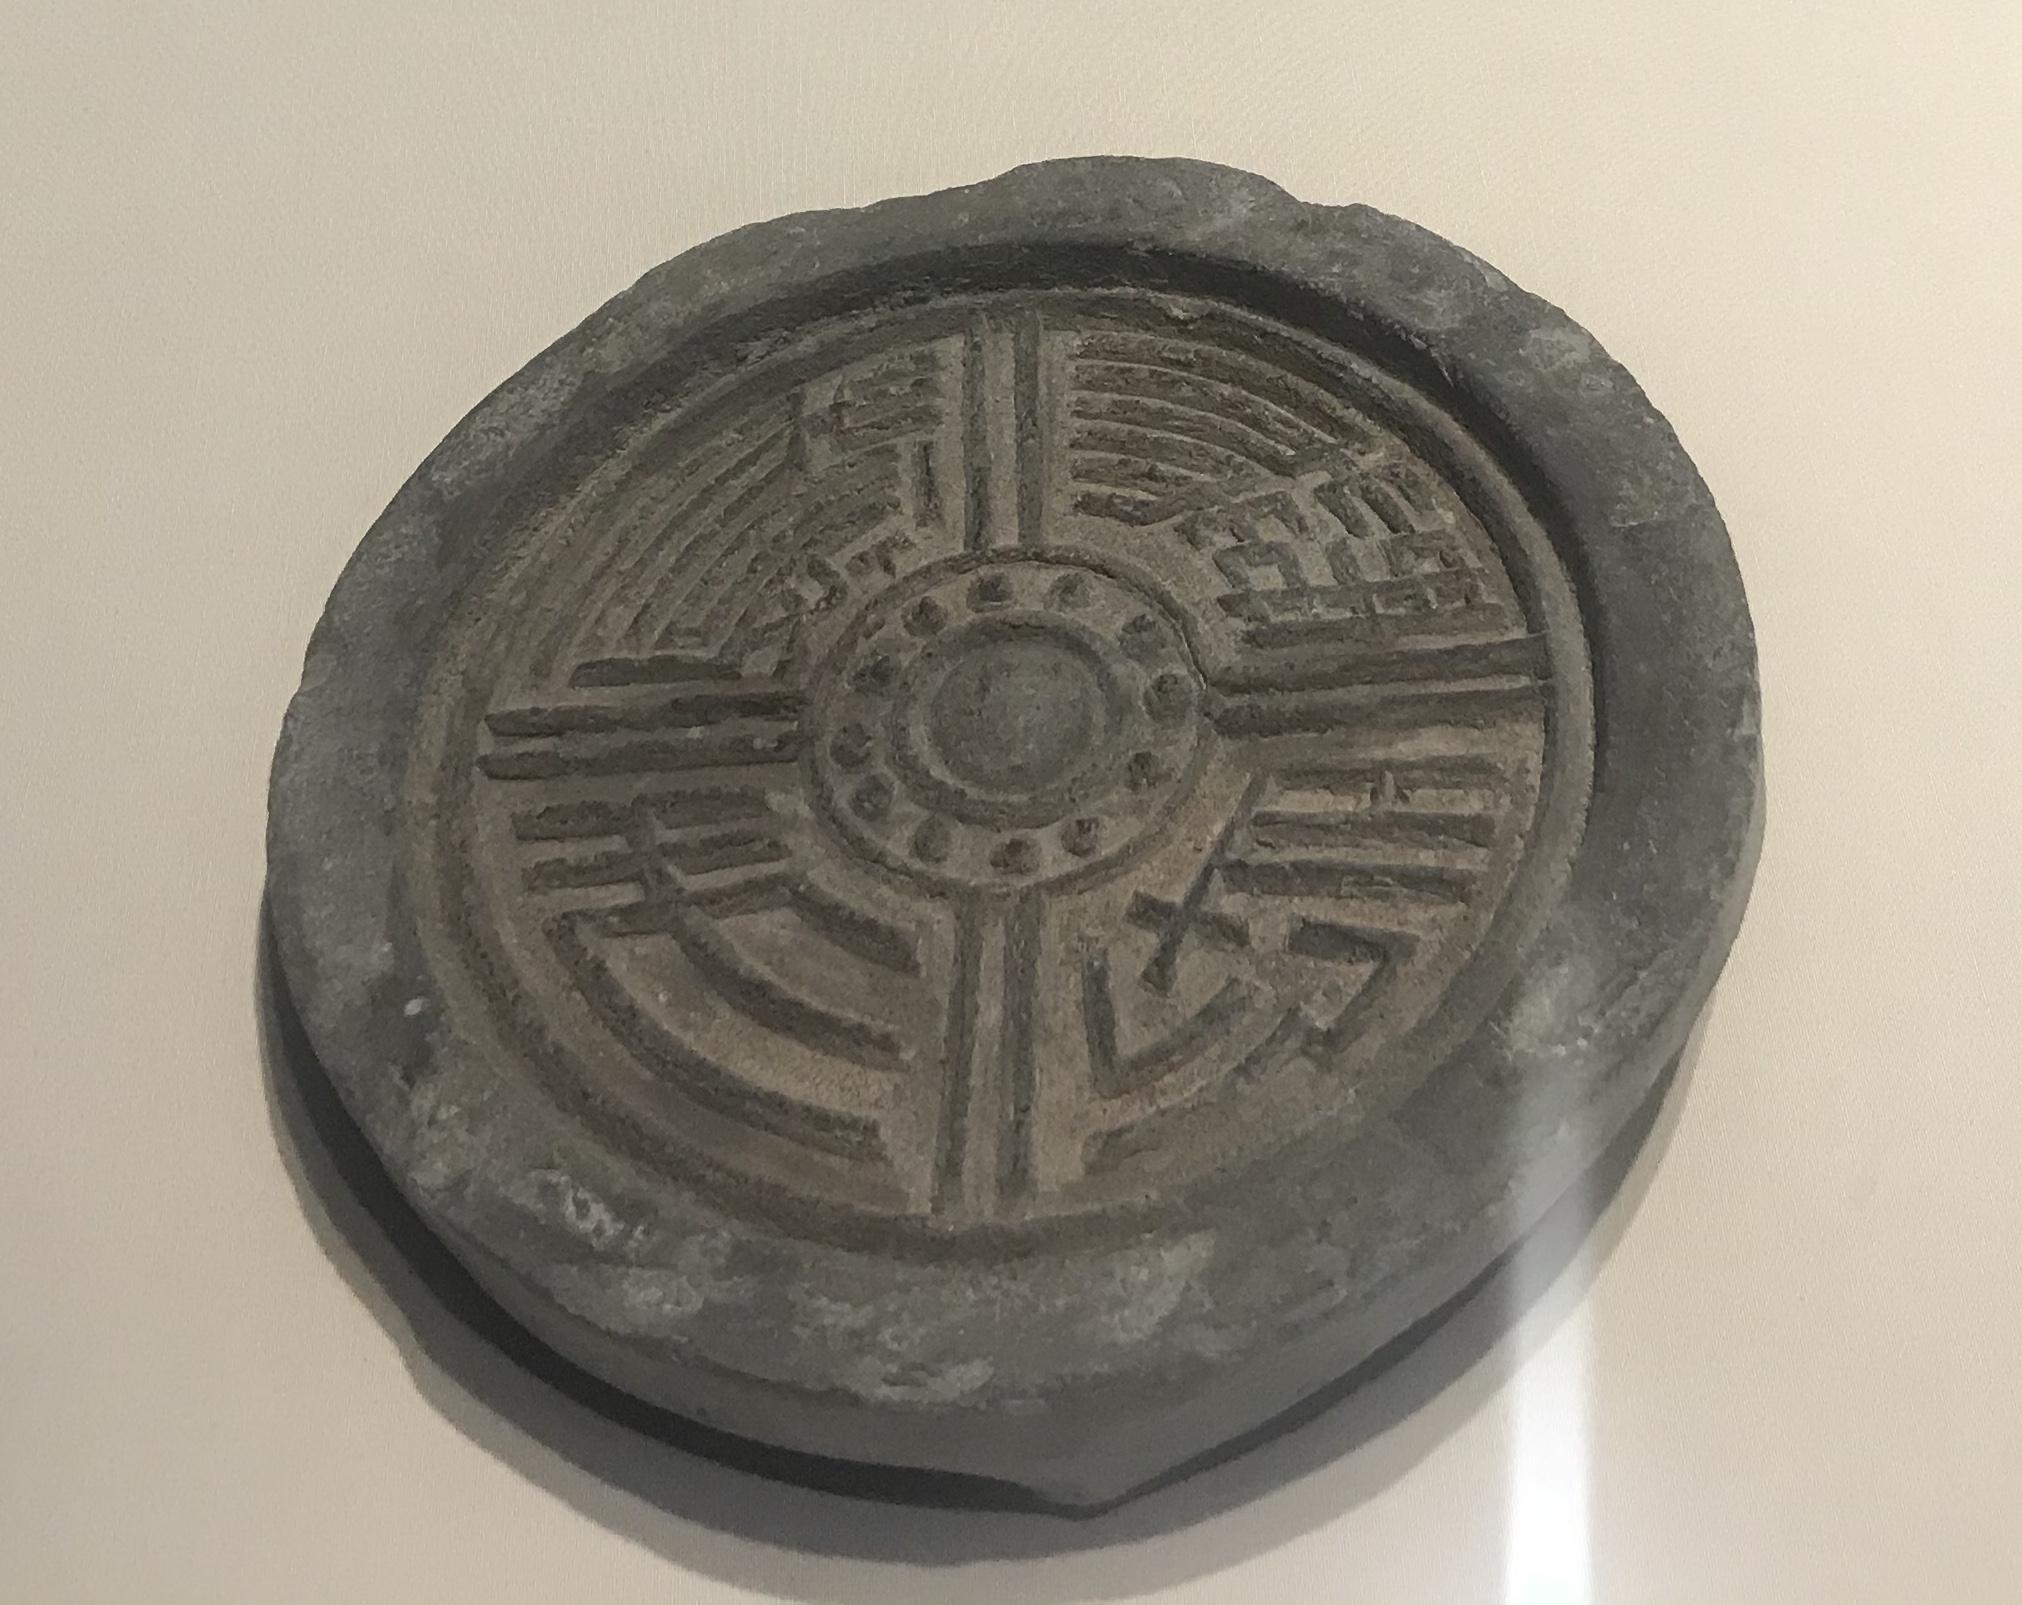 【長生無極】瓦当-東漢-四川漢代陶石芸術館-四川博物院-成都